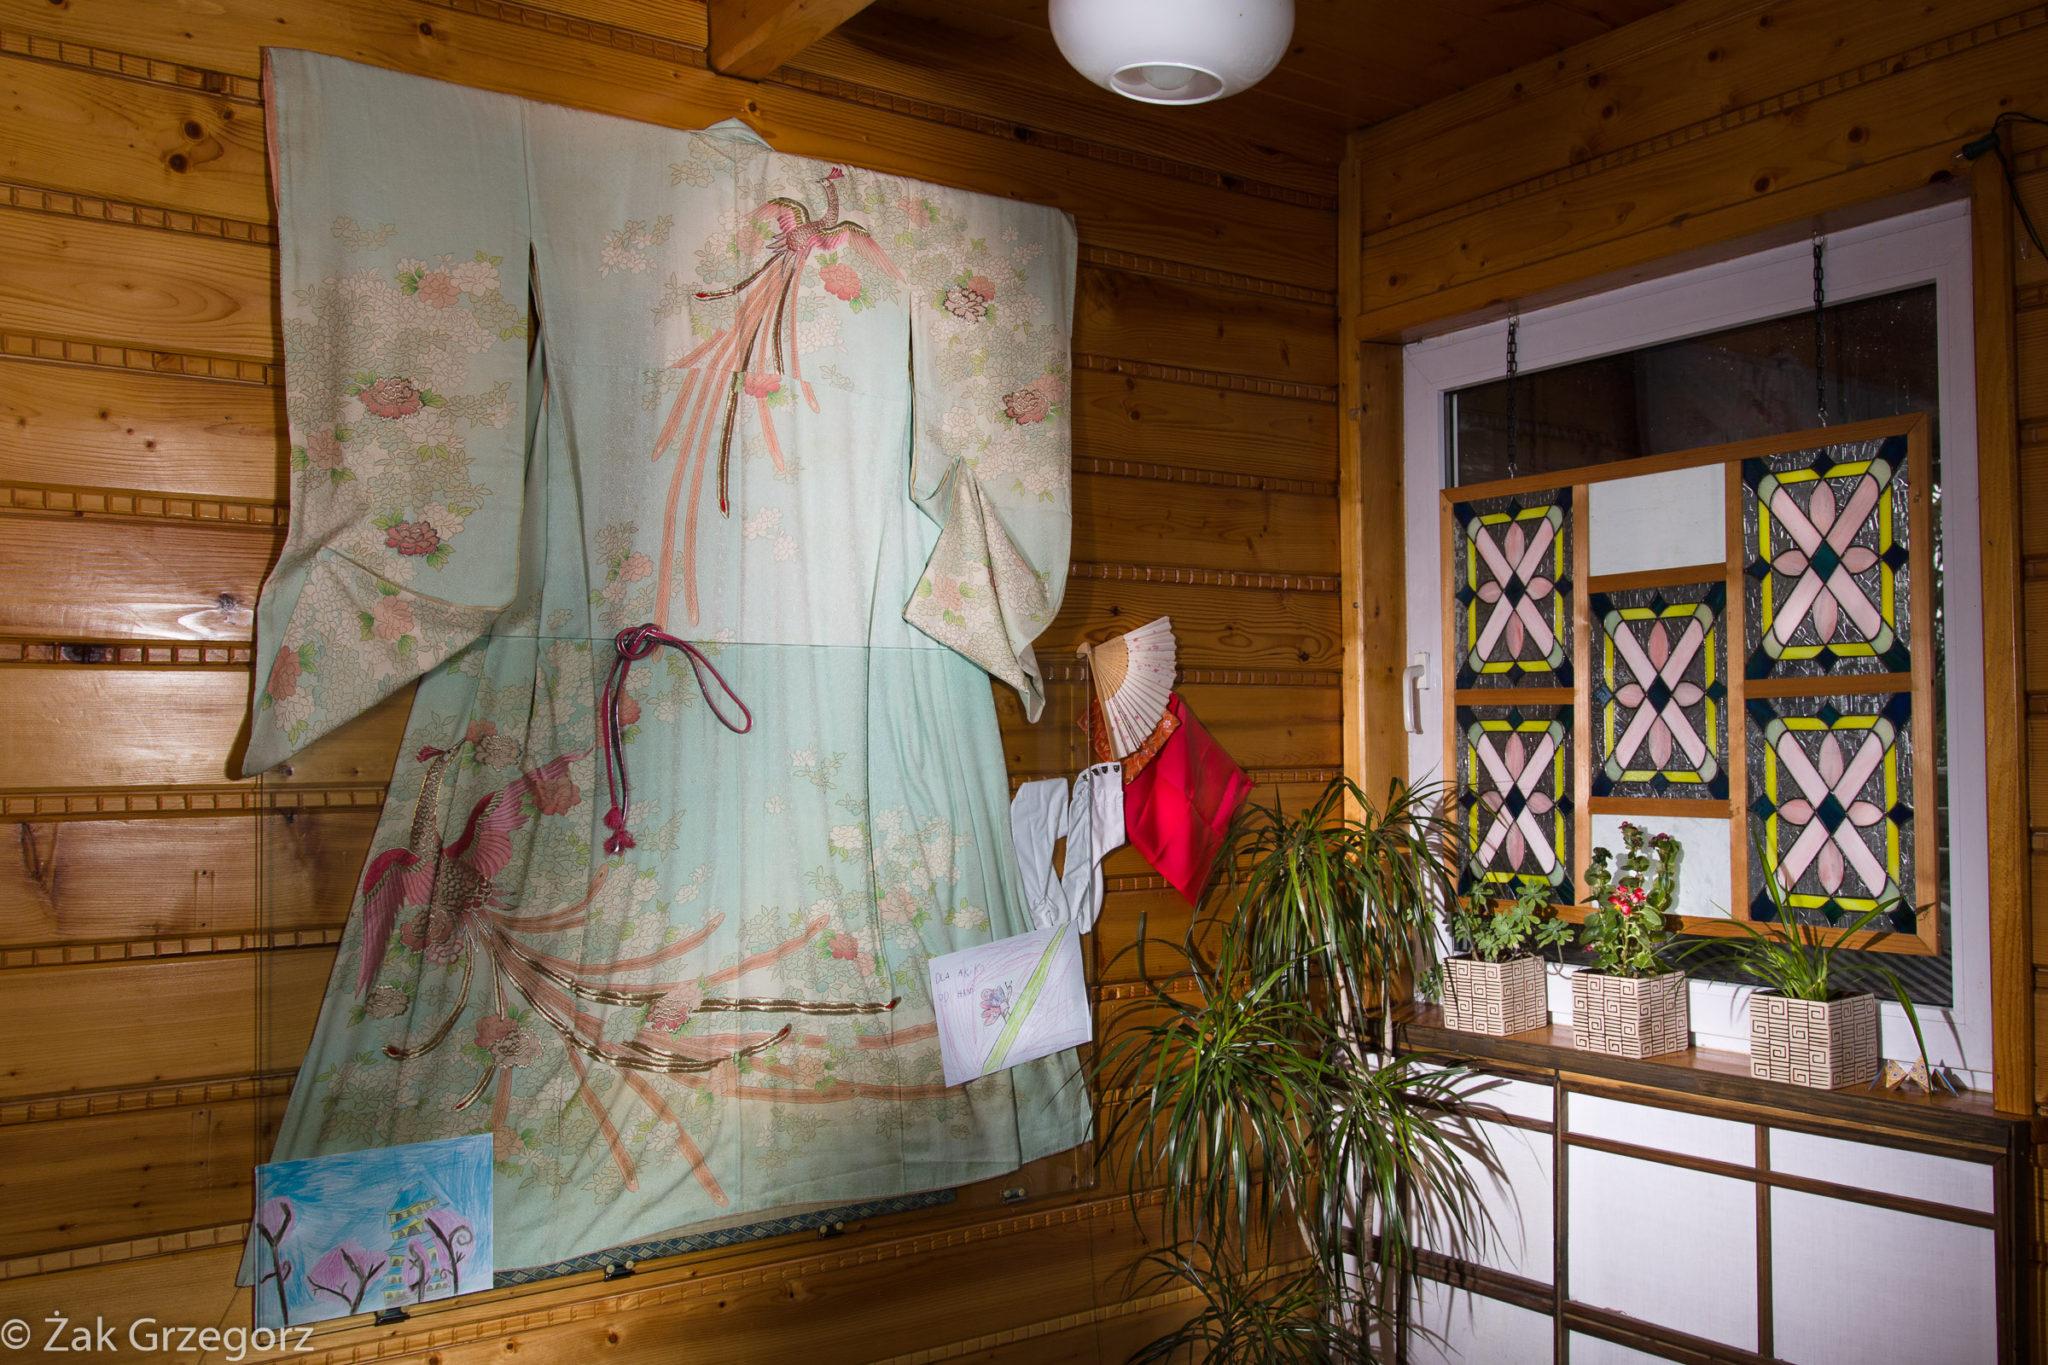 Jedwabne kimono, pamiątka rodzinna pobabci Akiko